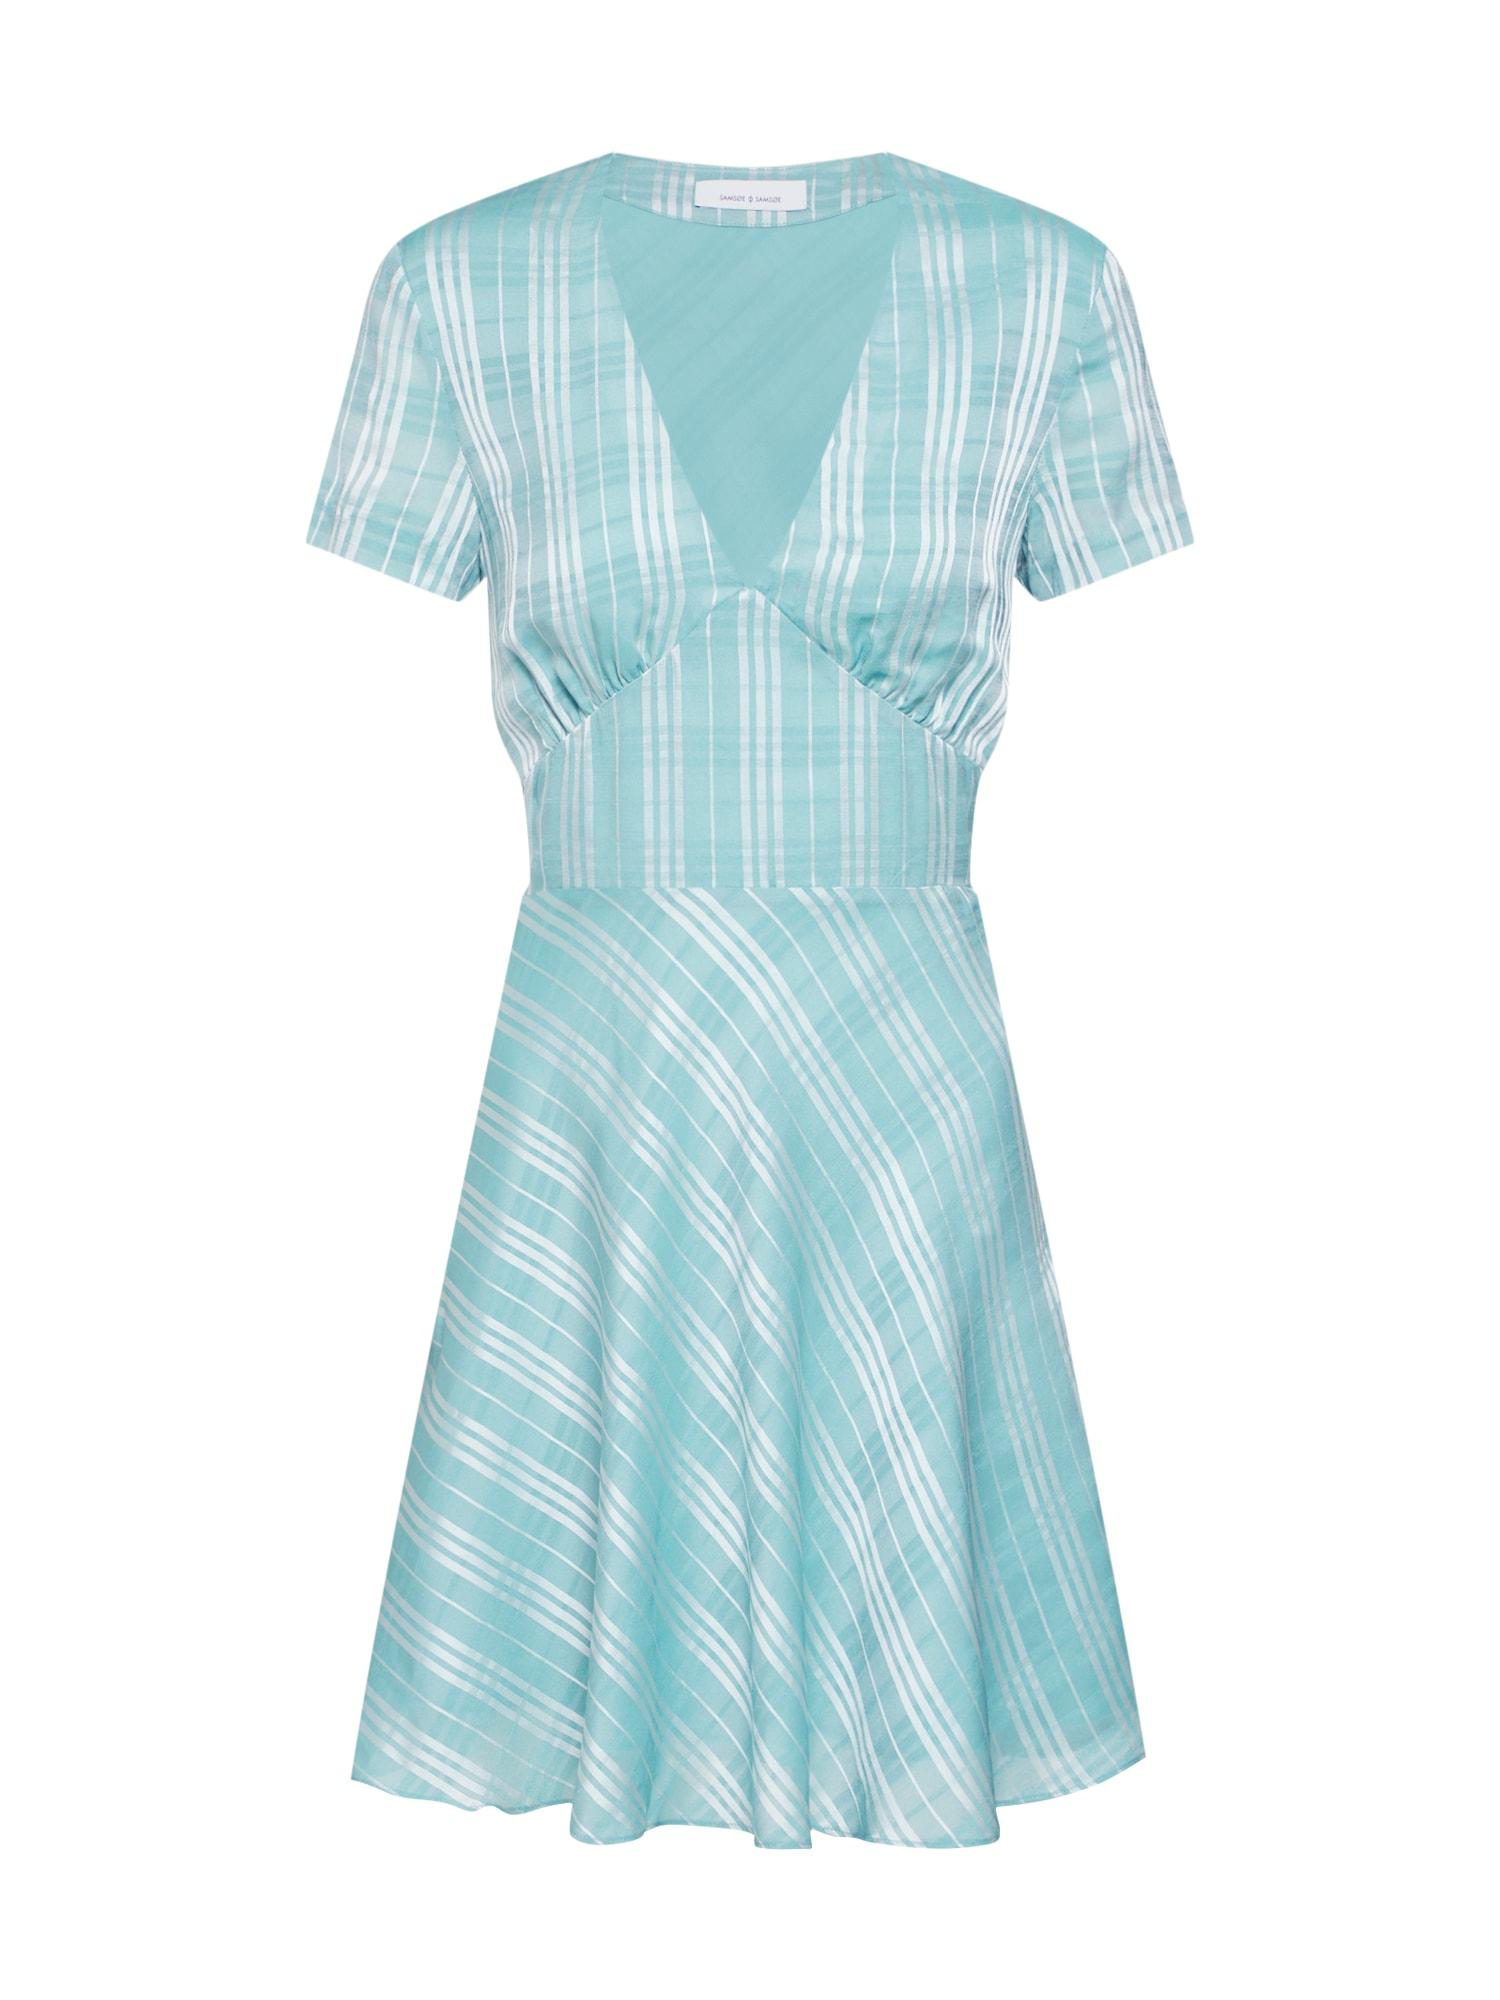 Samsoe Samsoe Vasarinė suknelė 'CINDY' nefrito spalva / sidabras